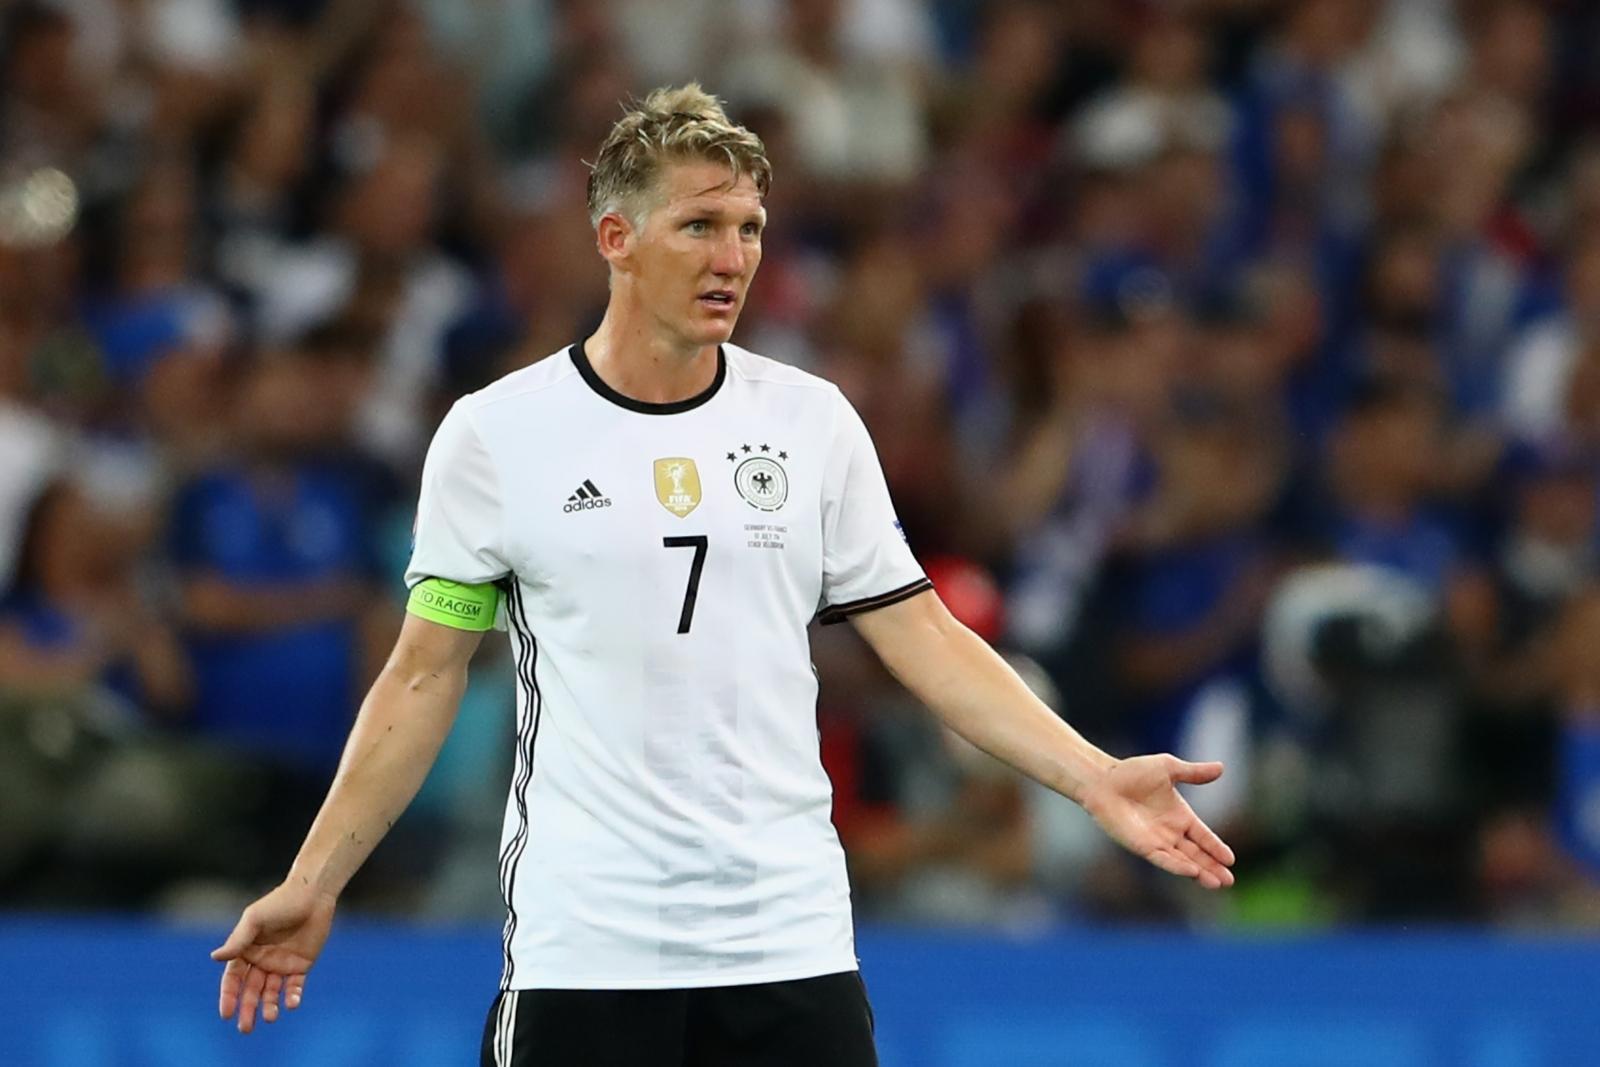 Manchester United Midfielder Bastian Schweinsteiger To